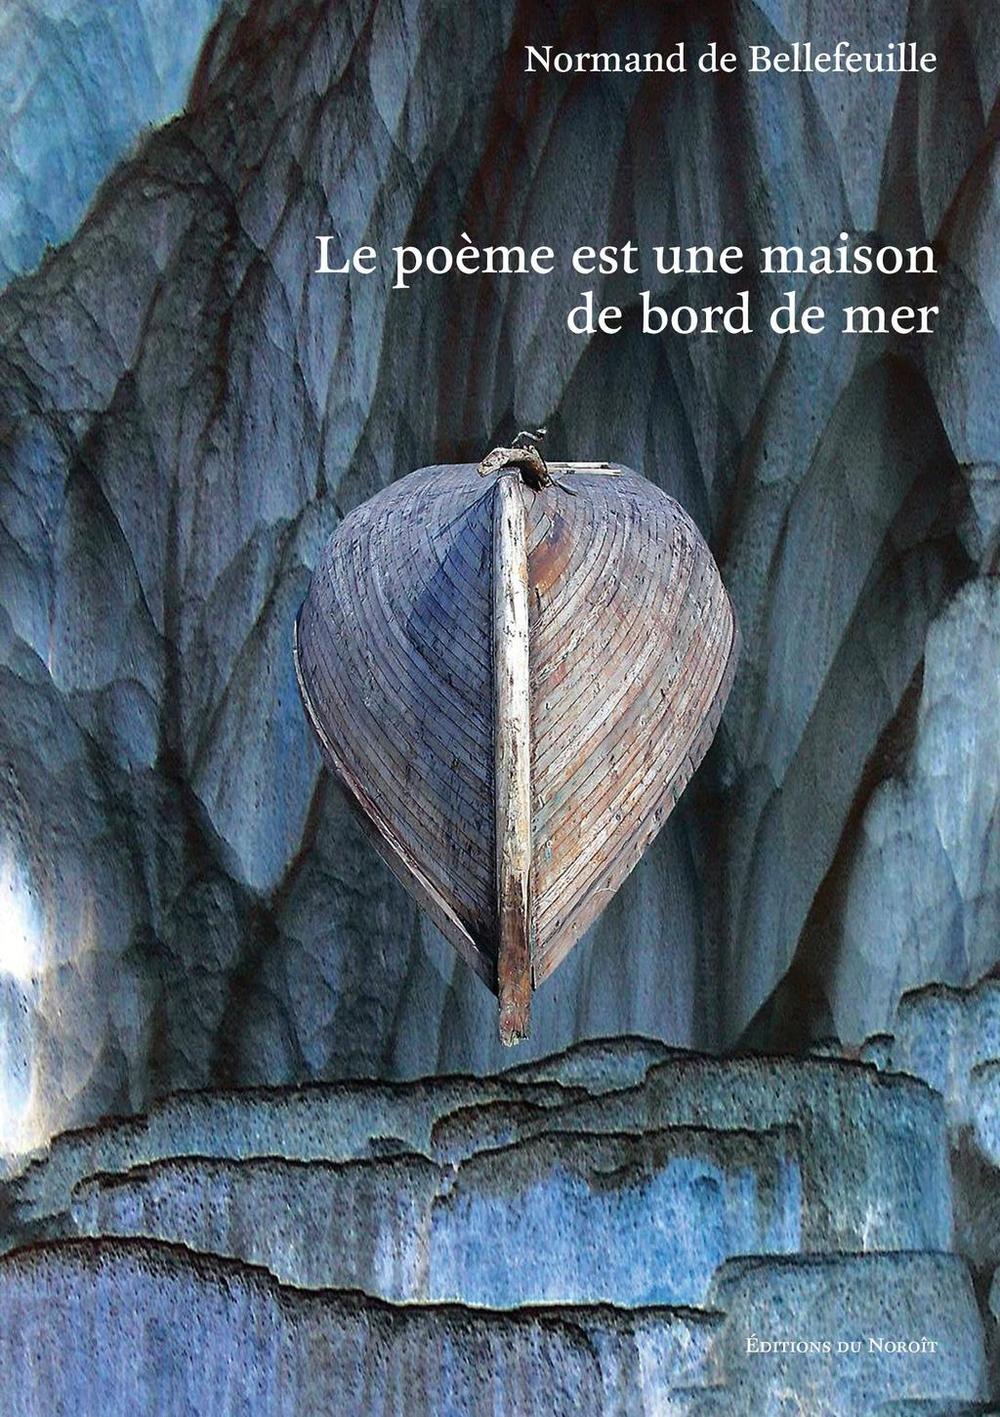 Le poème est une maison de bord de mer